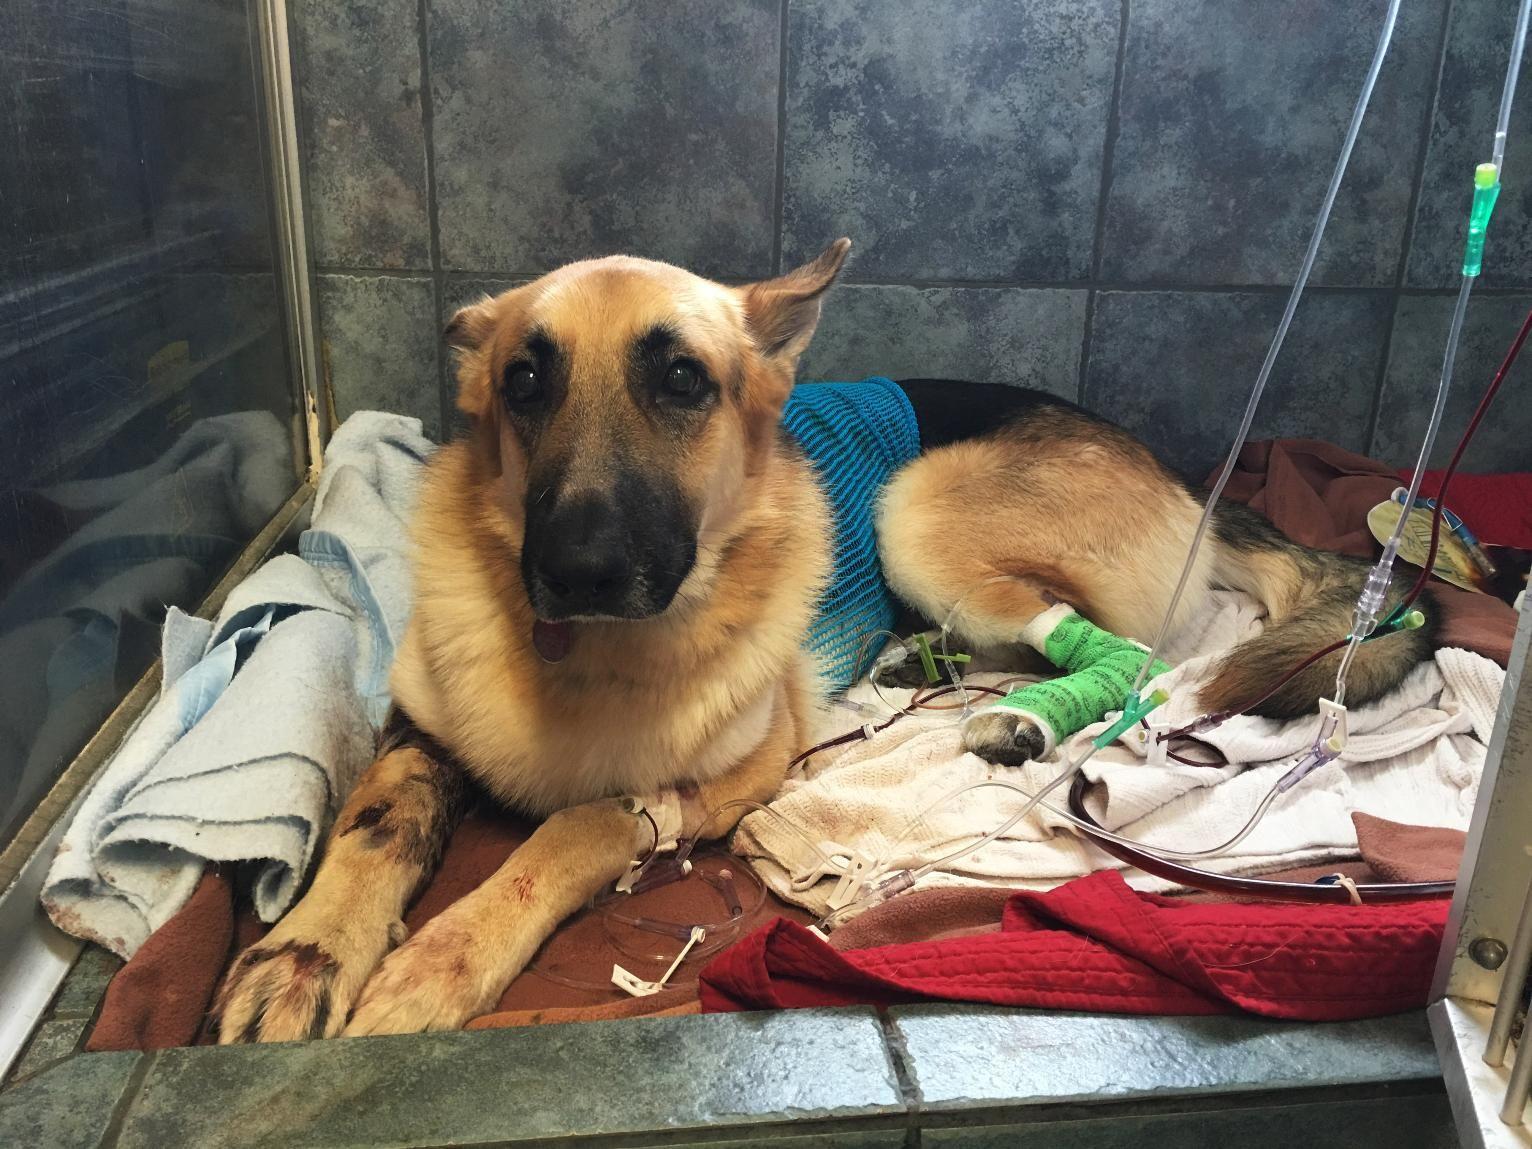 Hero Dog Bitten Saving Girl From Rattlesnake Dogpictures Dogs